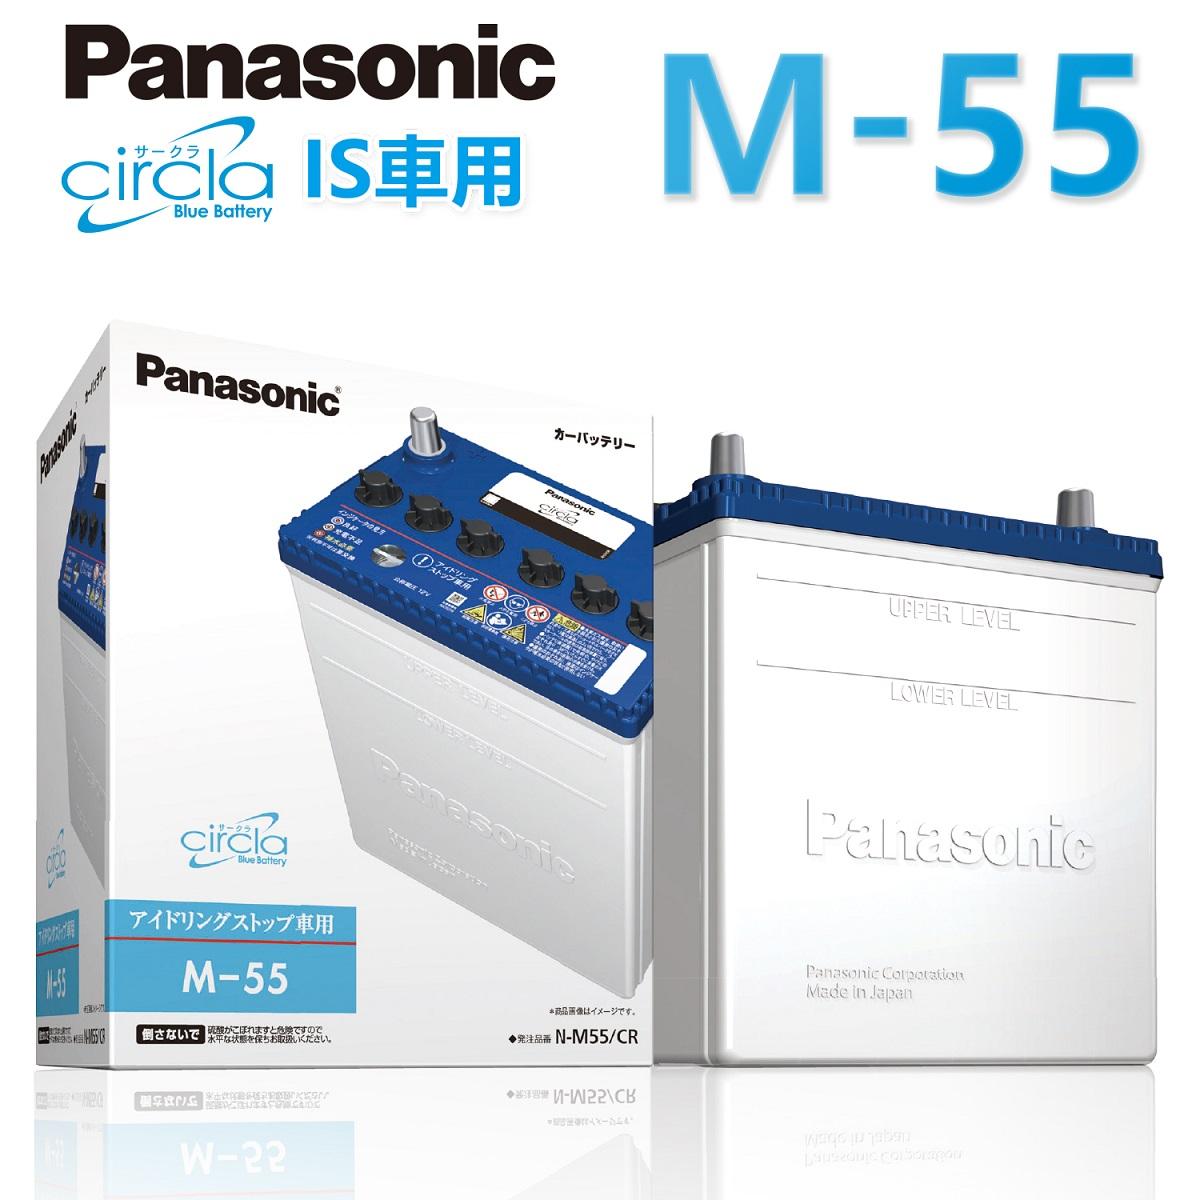 アイドリングストップ用 バッテリー M-55 Panasonic バッテリー カーバッテリー M55 (互換 55B19L 60B19L 55B20L 60B20L 互換)パナソニック サークラ circla アイドリングストップ 車 バッテリー 送料無料 ピクシス デイズ ルークス アルトラパン ワゴンR タント カスタム